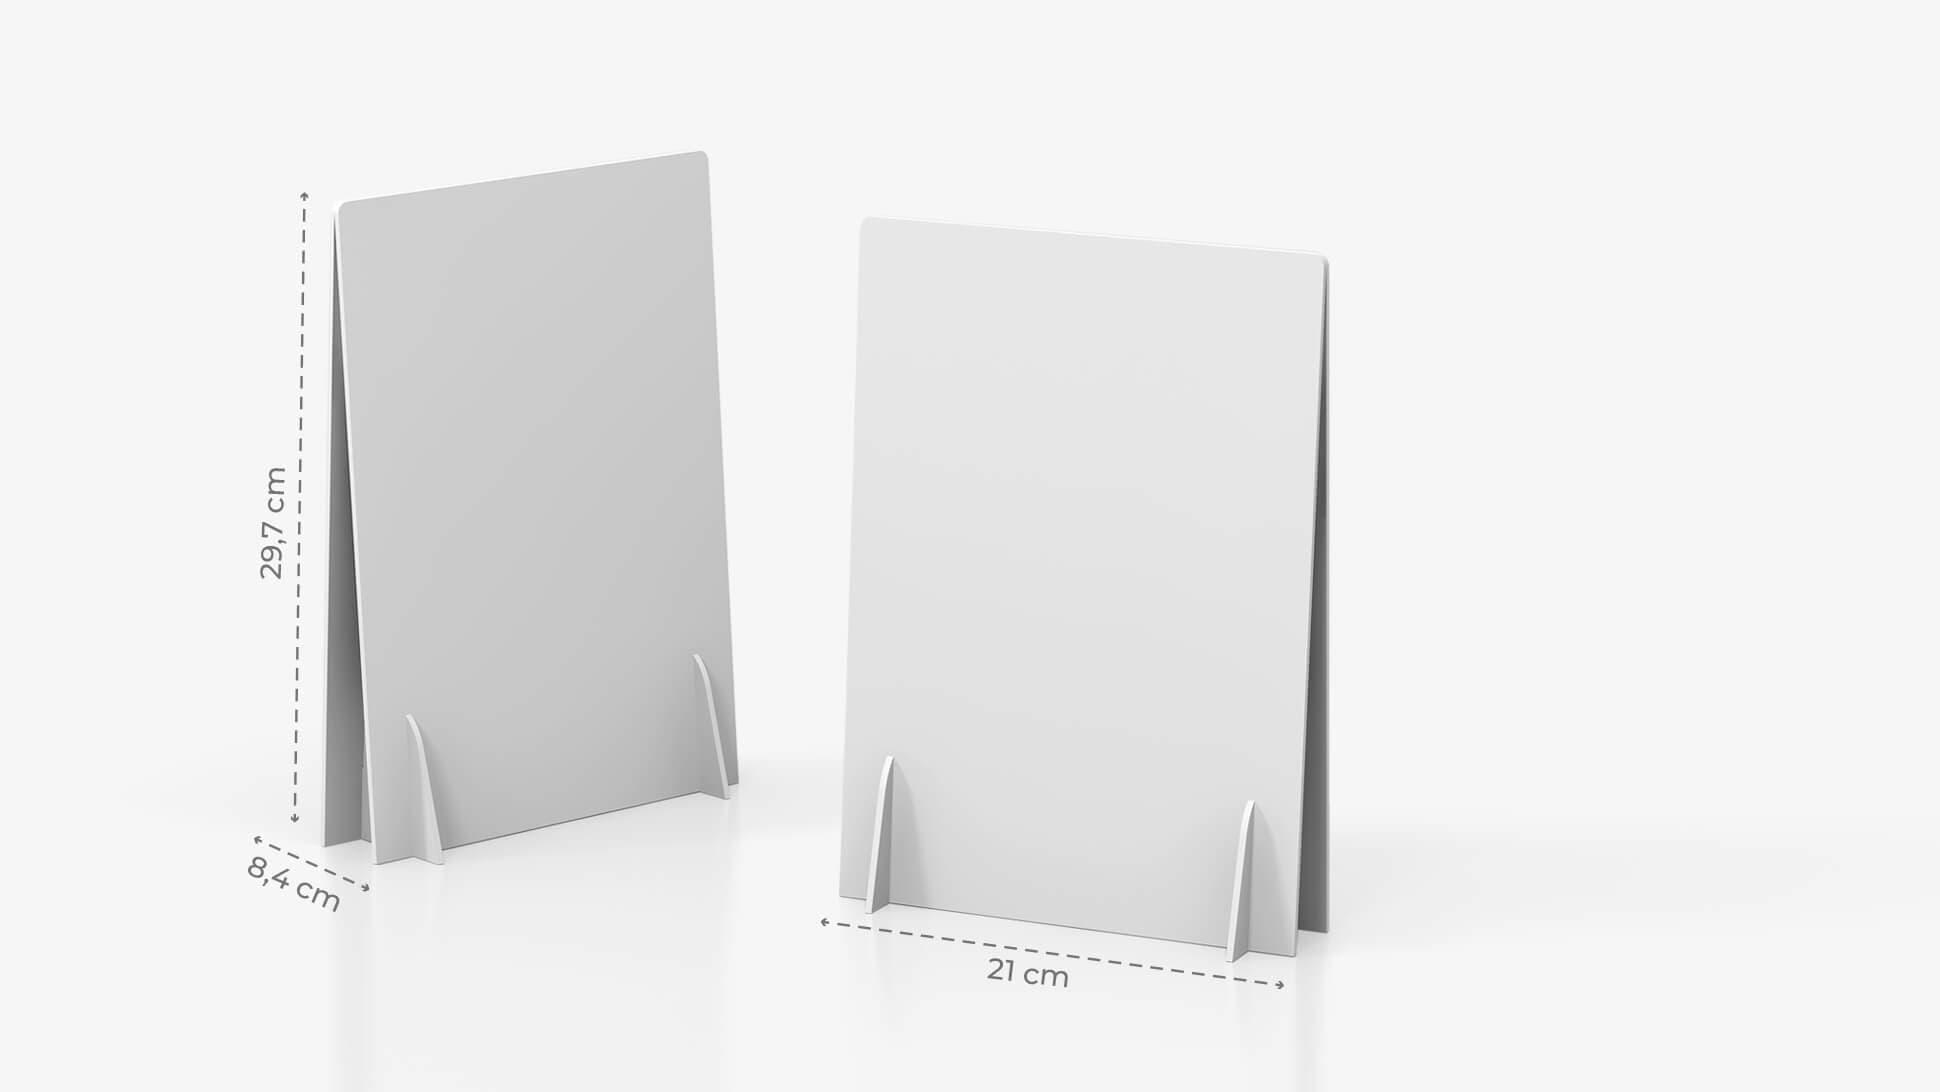 Display doppio A4 personalizzabile | tictac.it